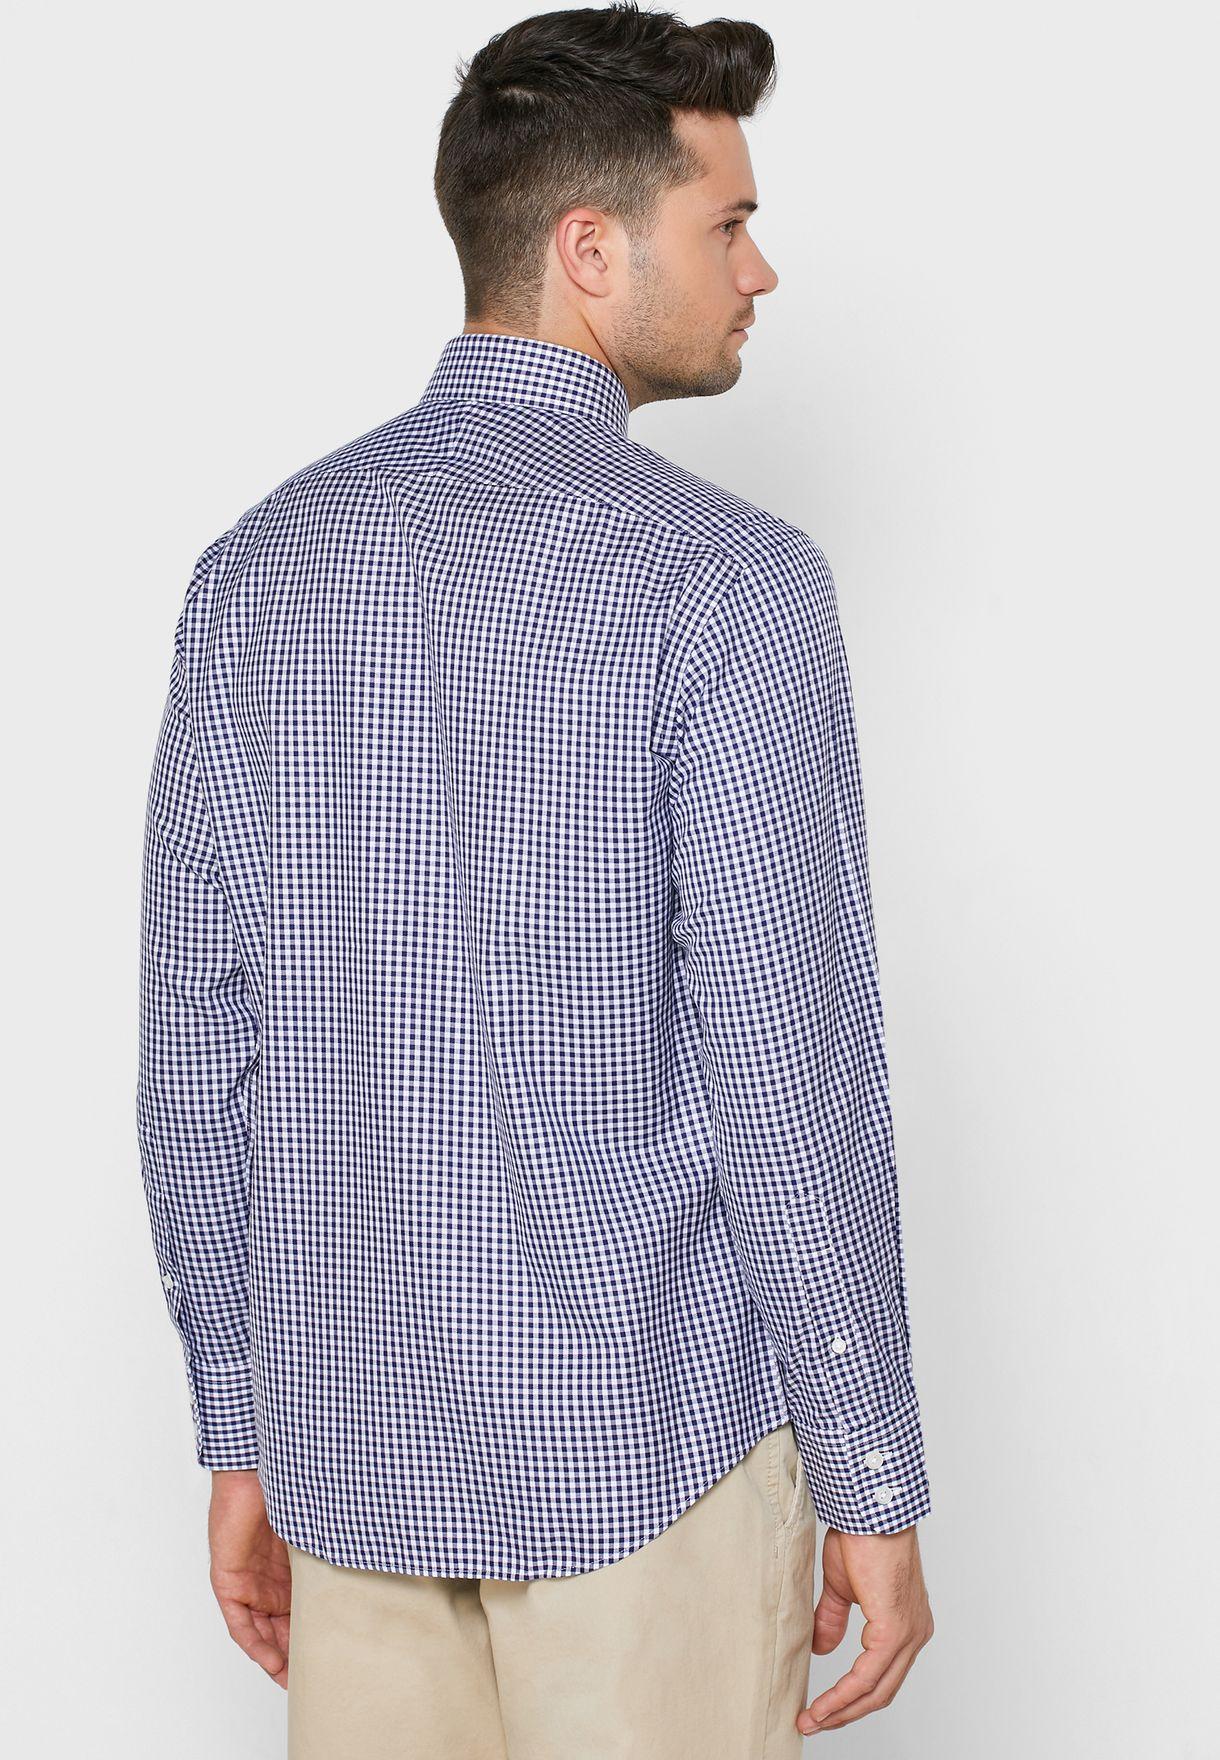 قميص بطبعة مربعات وقصة سلم فيت